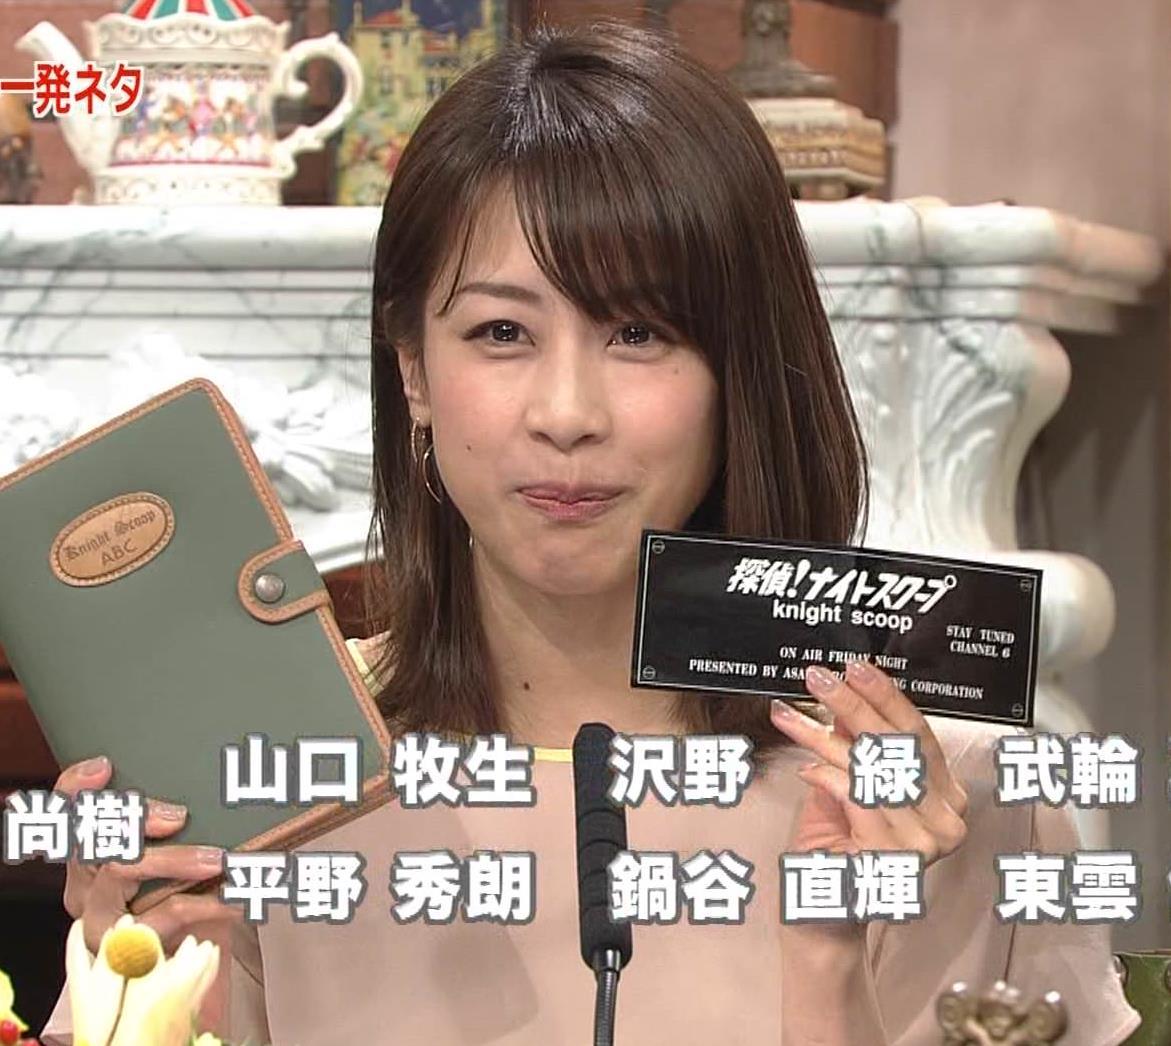 加藤綾子 探偵ナイトスクープの秘書画像キャプ・エロ画像11